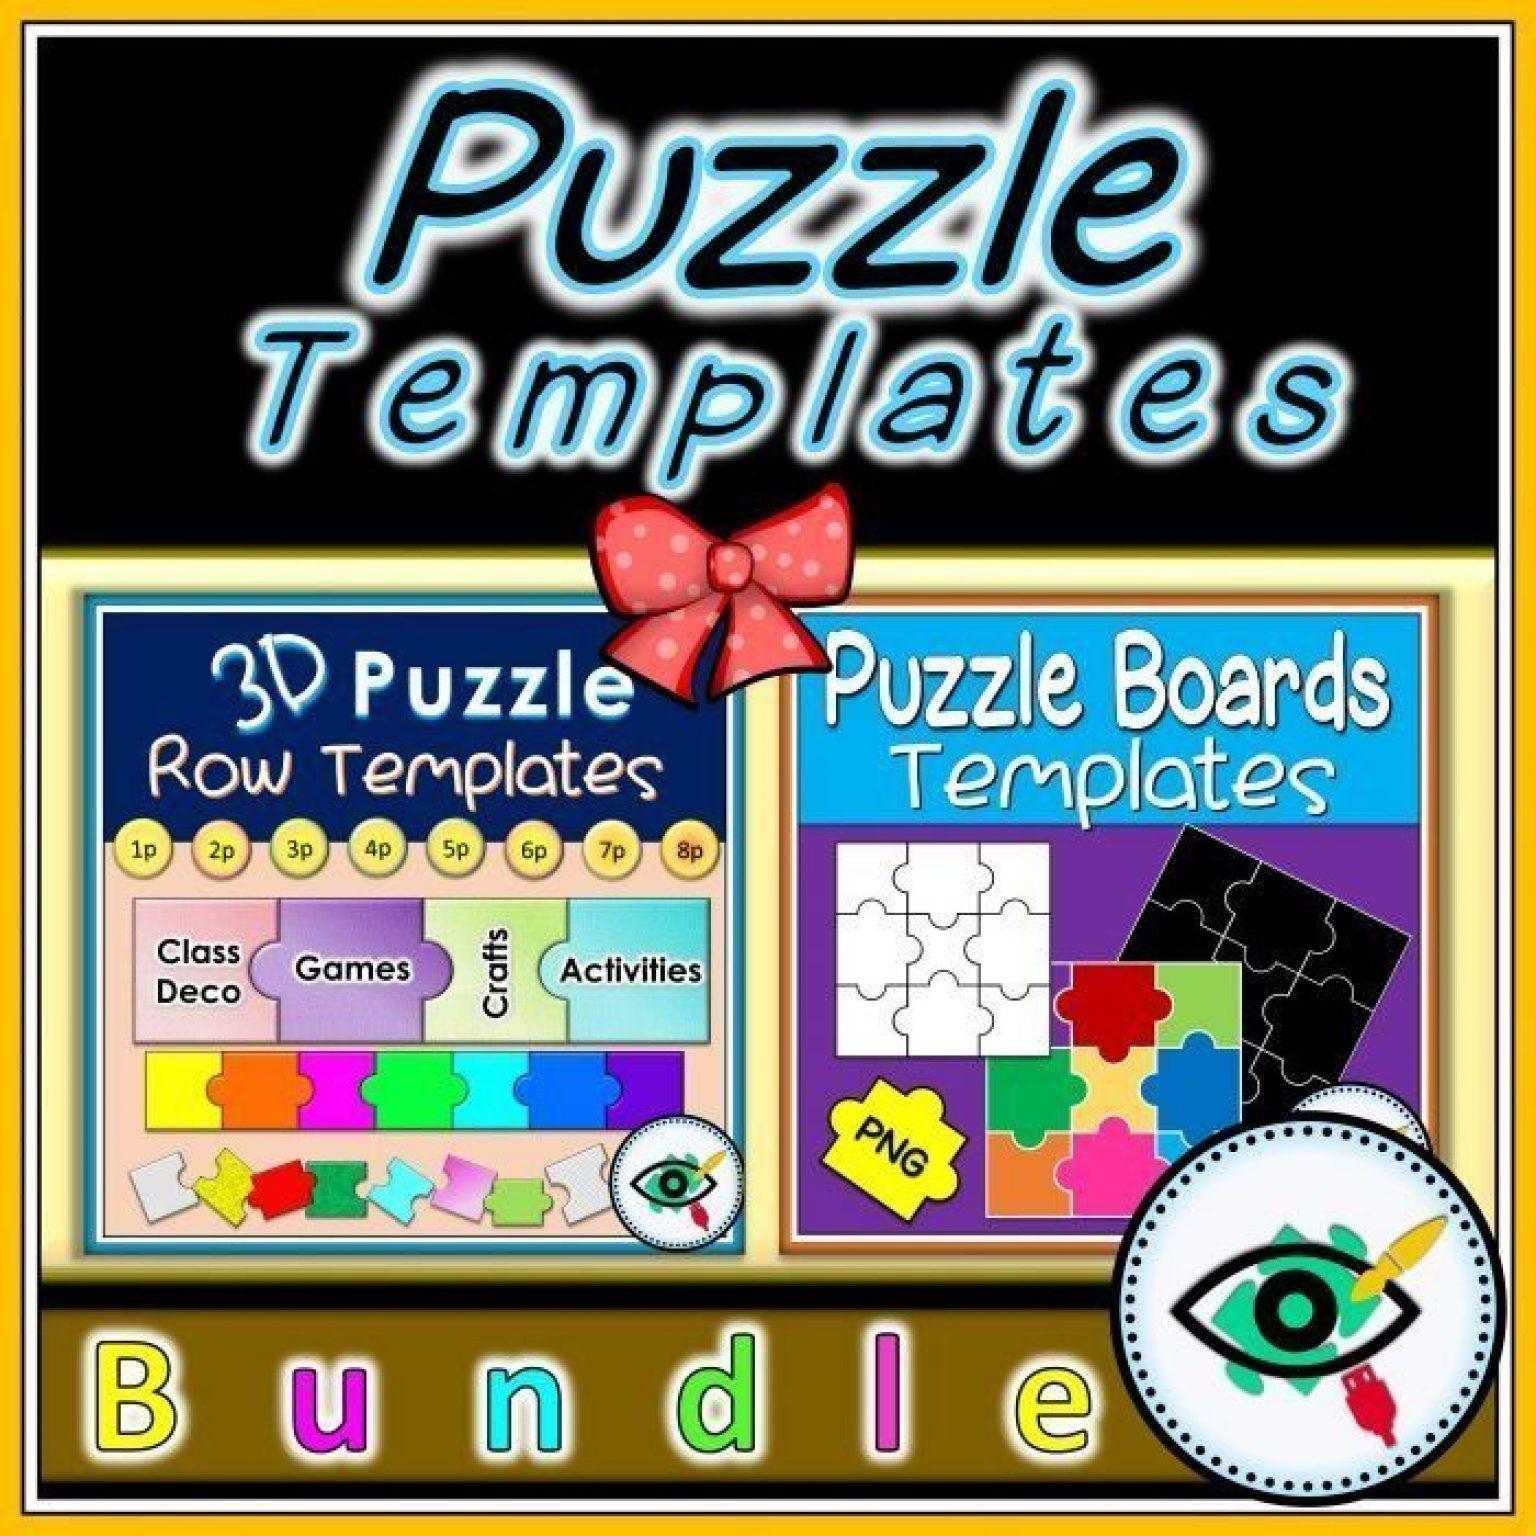 puzzle templates bundle-title